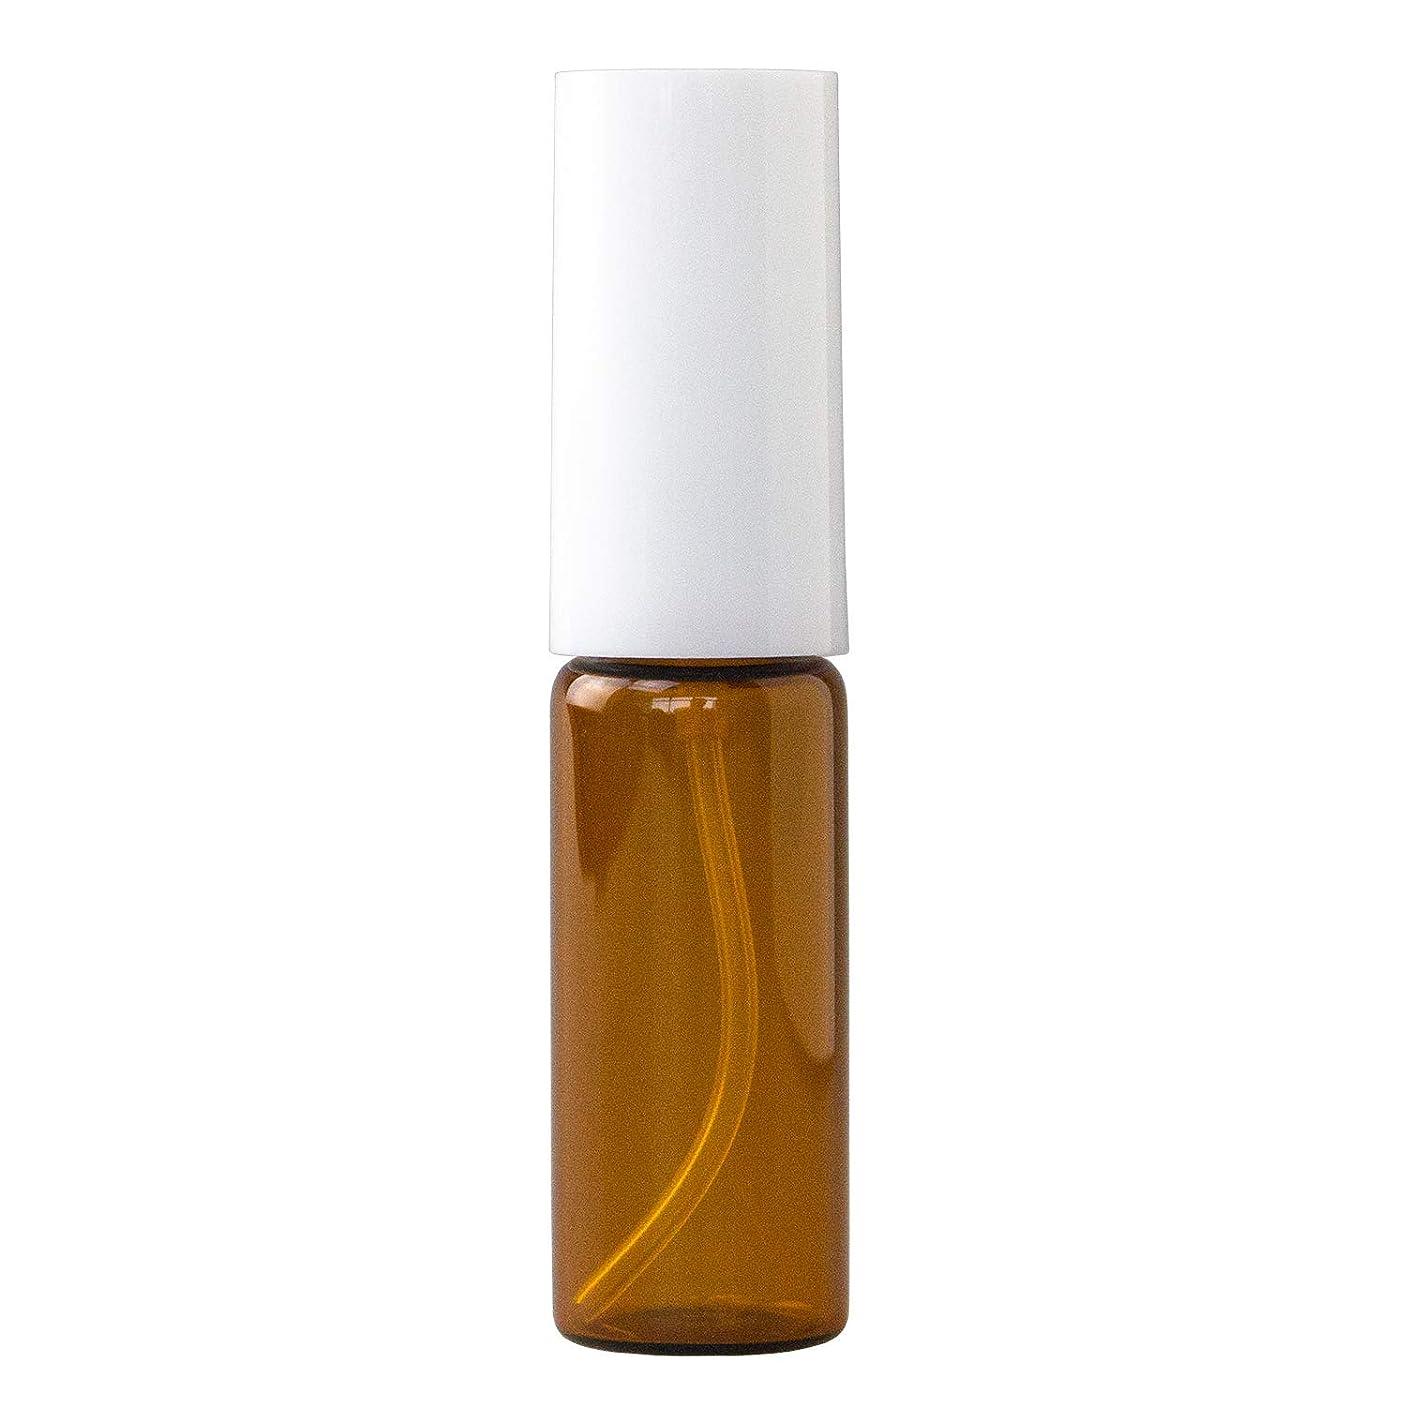 フェミニン毎日姪遮光スプレー容器 10ml (アトマイザー) 【化粧品容器】